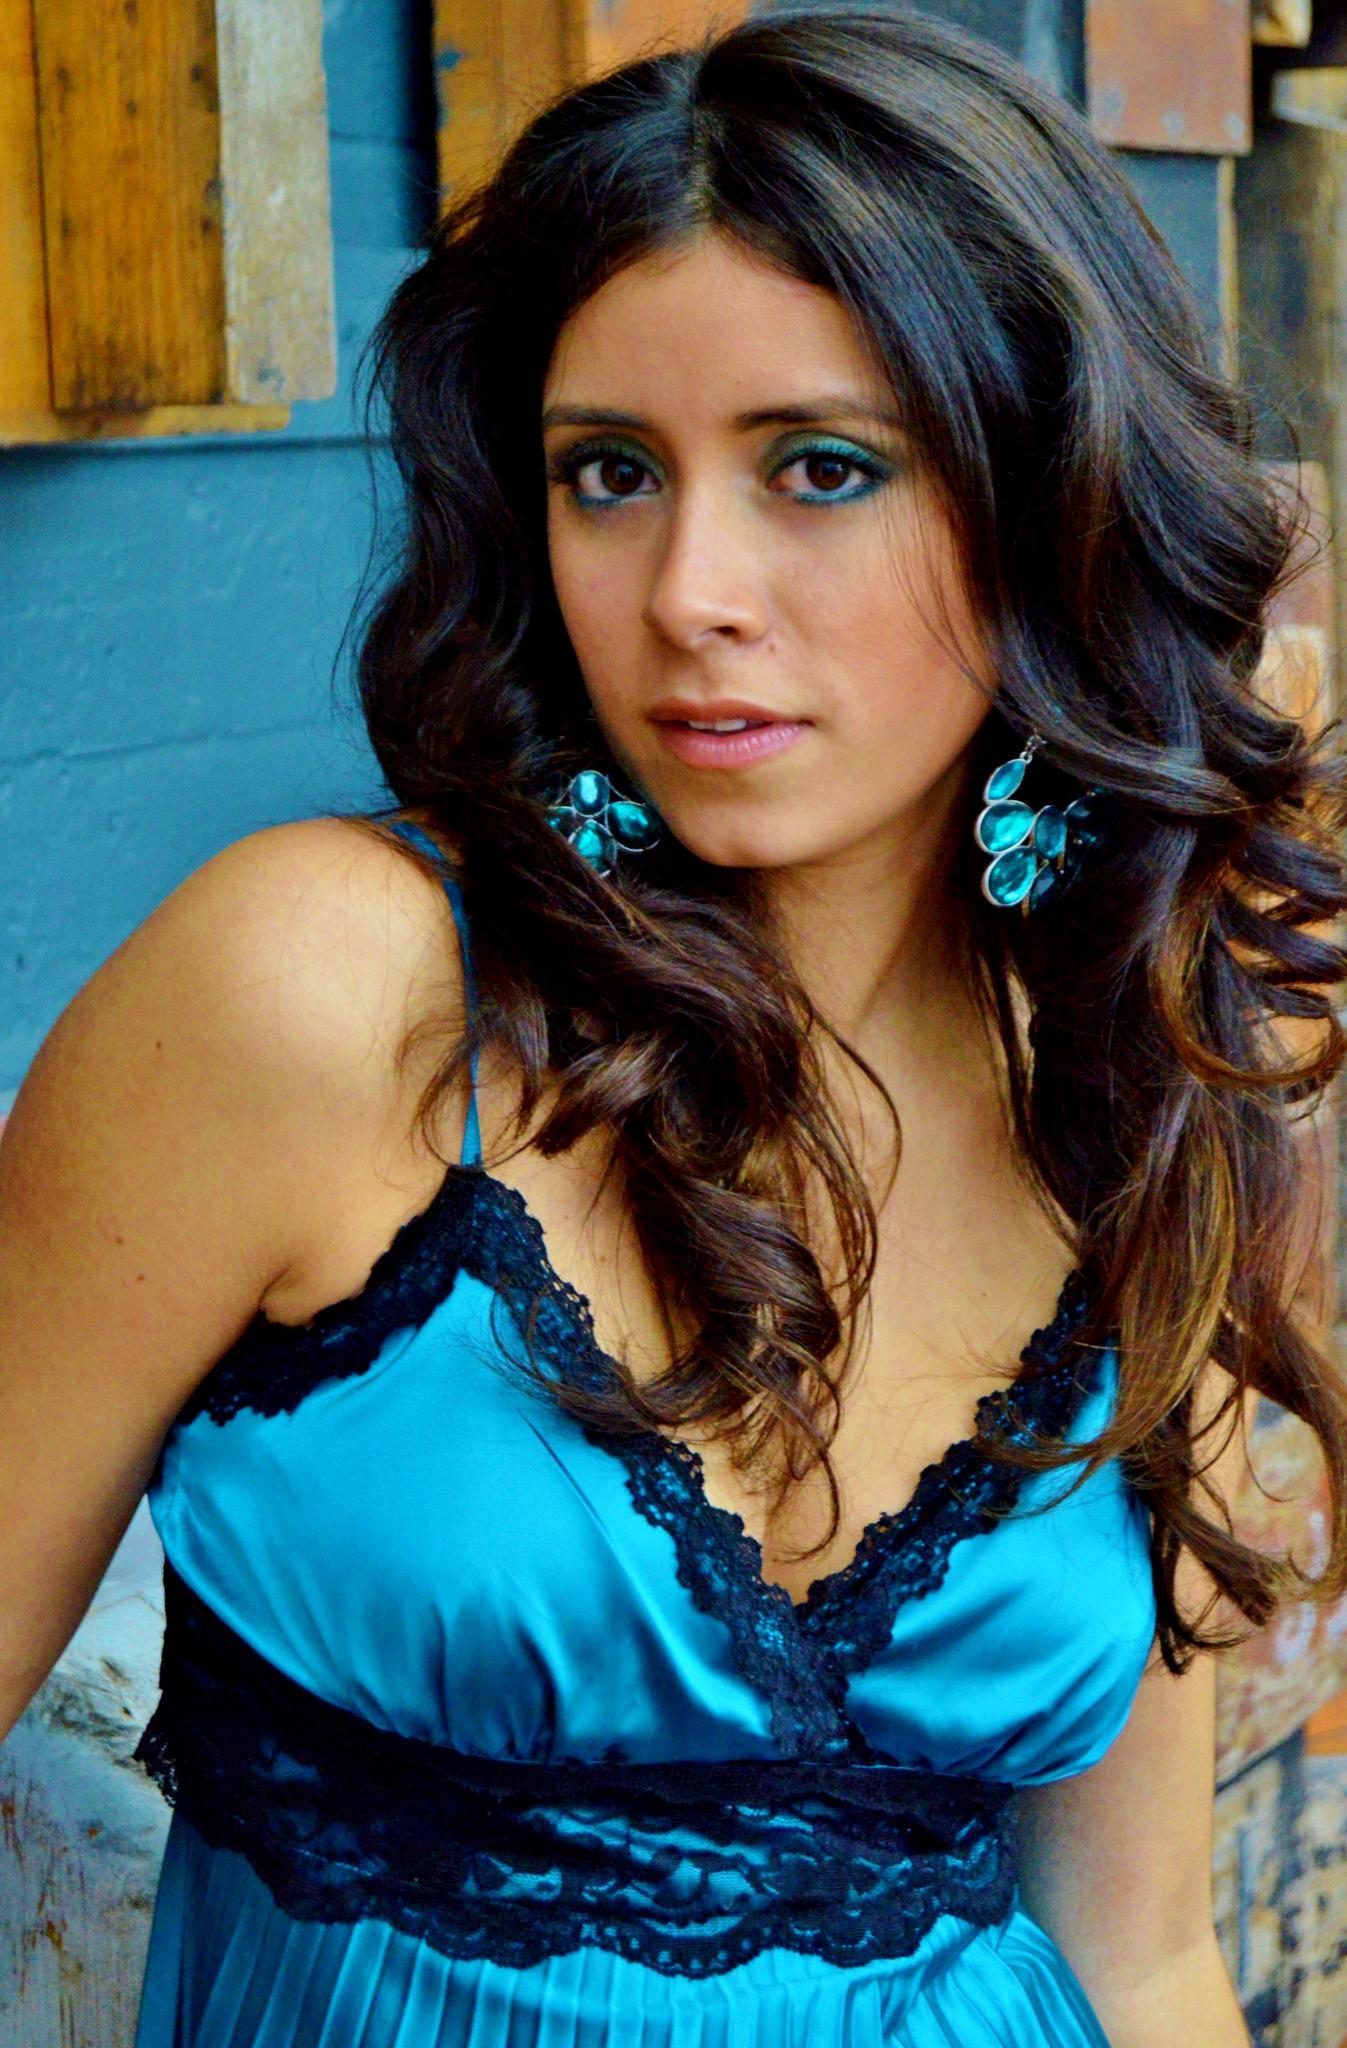 Model: Carolina Z. by AnjeLisse Photography